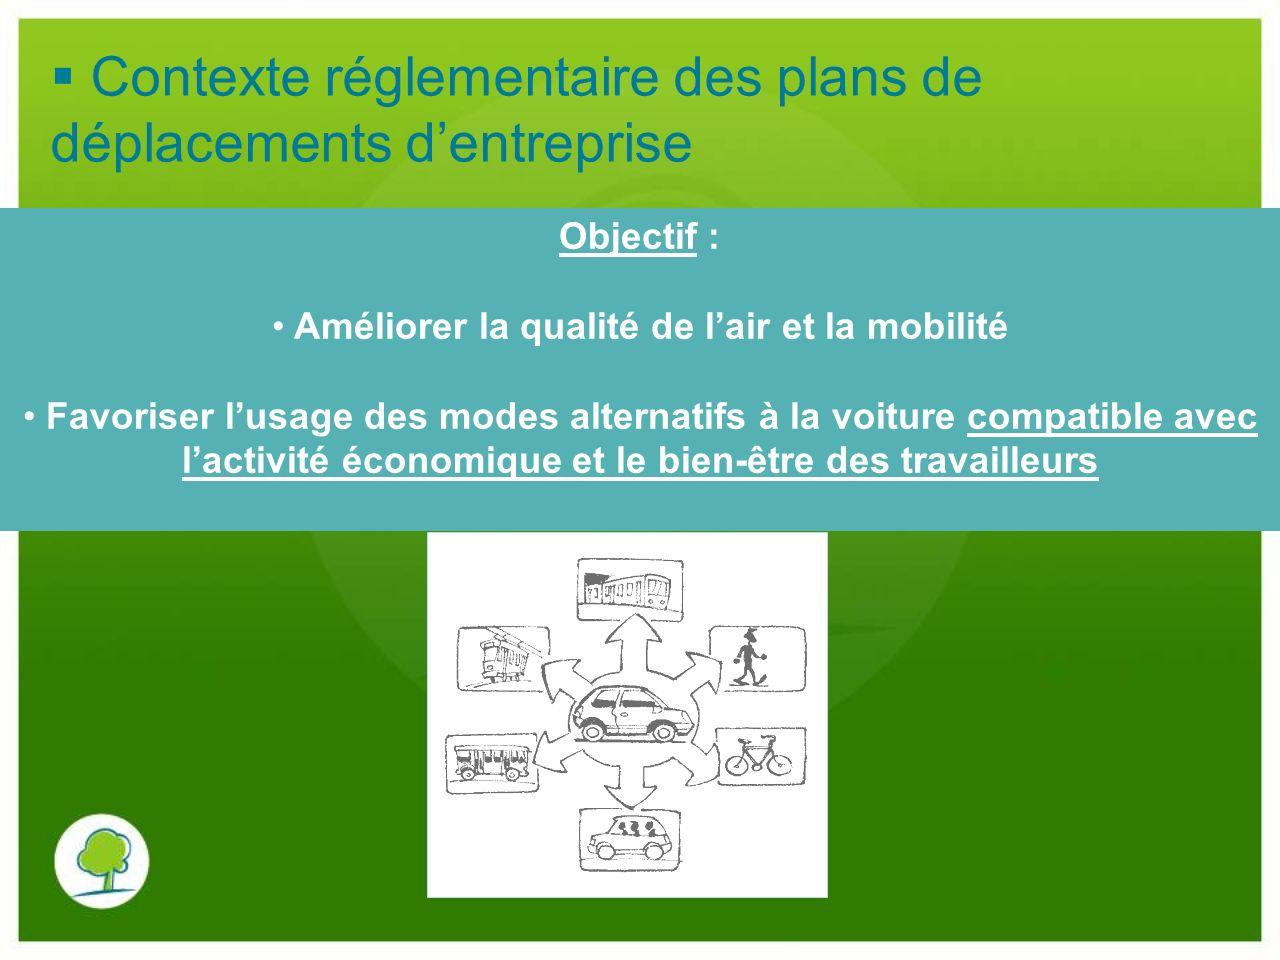 Contexte réglementaire des plans de déplacements d'entreprise